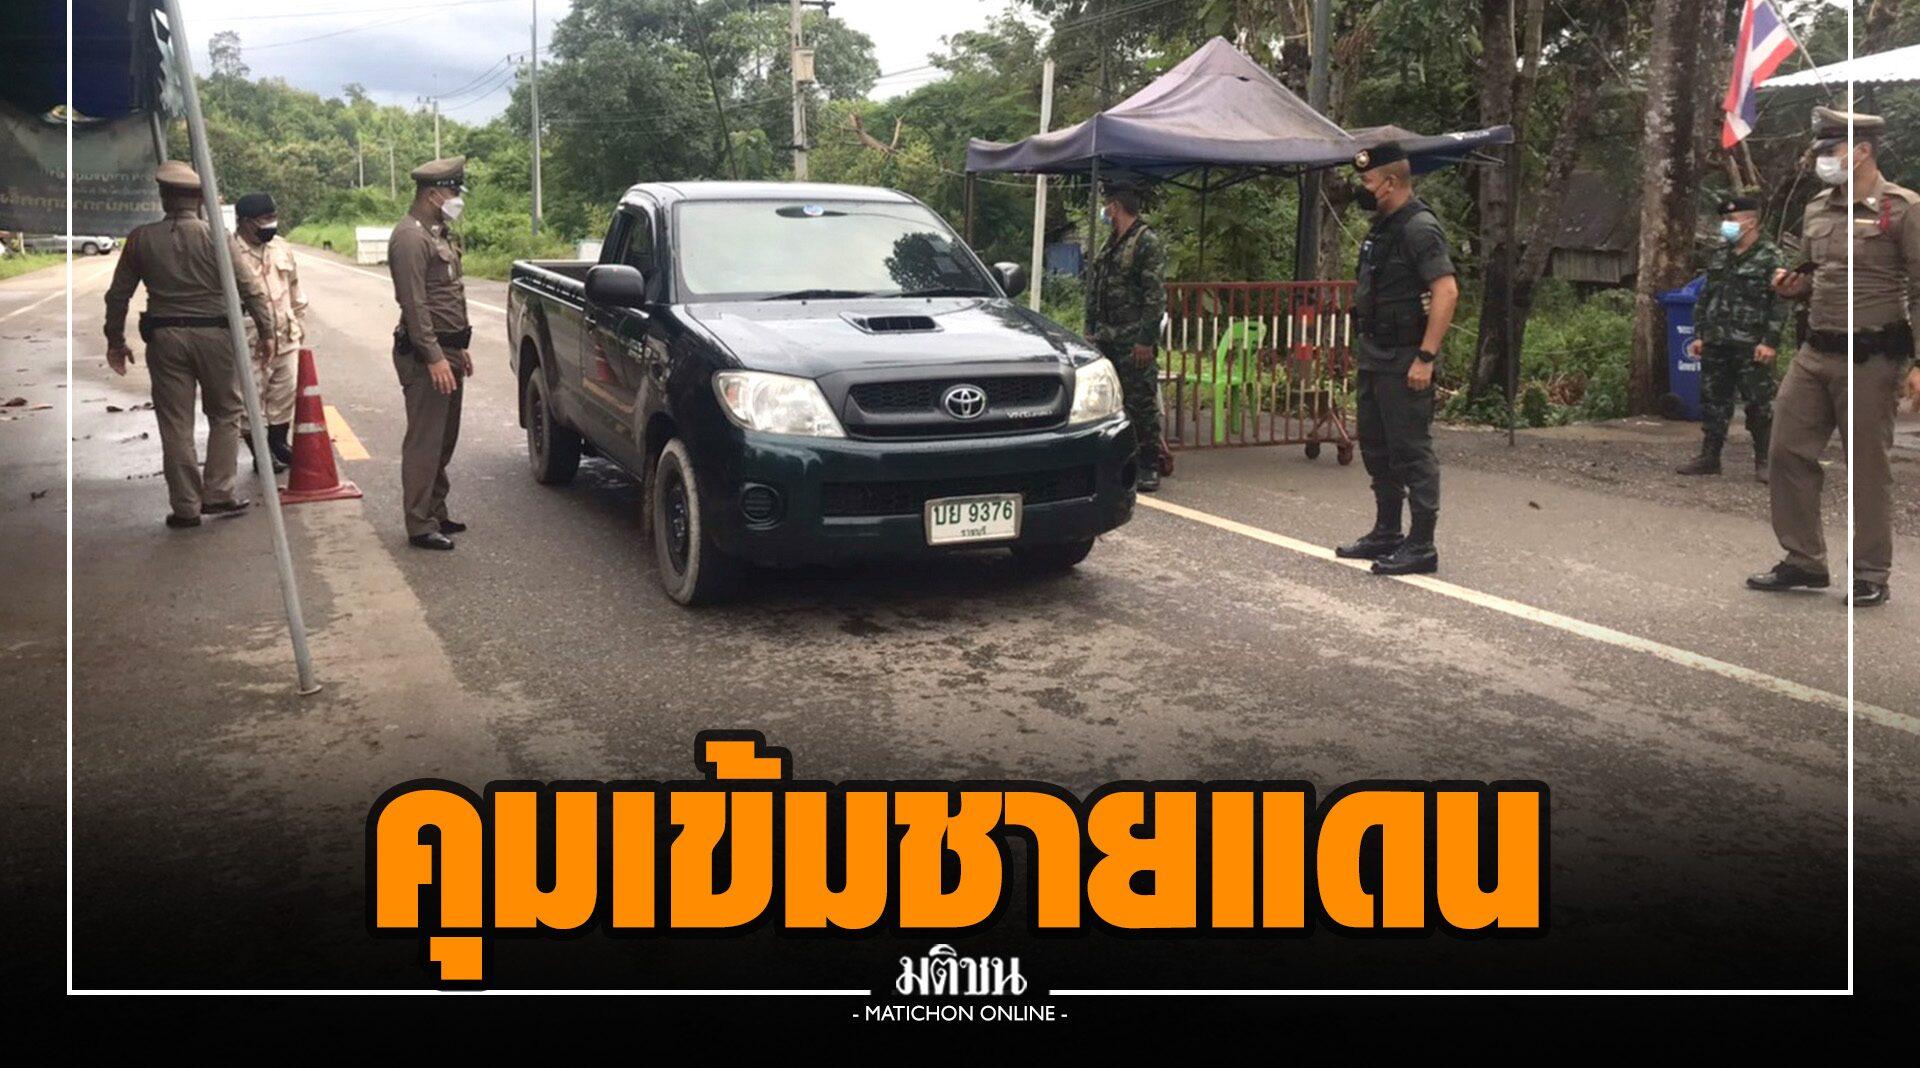 จับกุมแรงงานต่างด้าวชายแดนกาญจนบุรี 981 ราย ผู้นำพา 116 ราย หลังภาครัฐลาดตระเวน